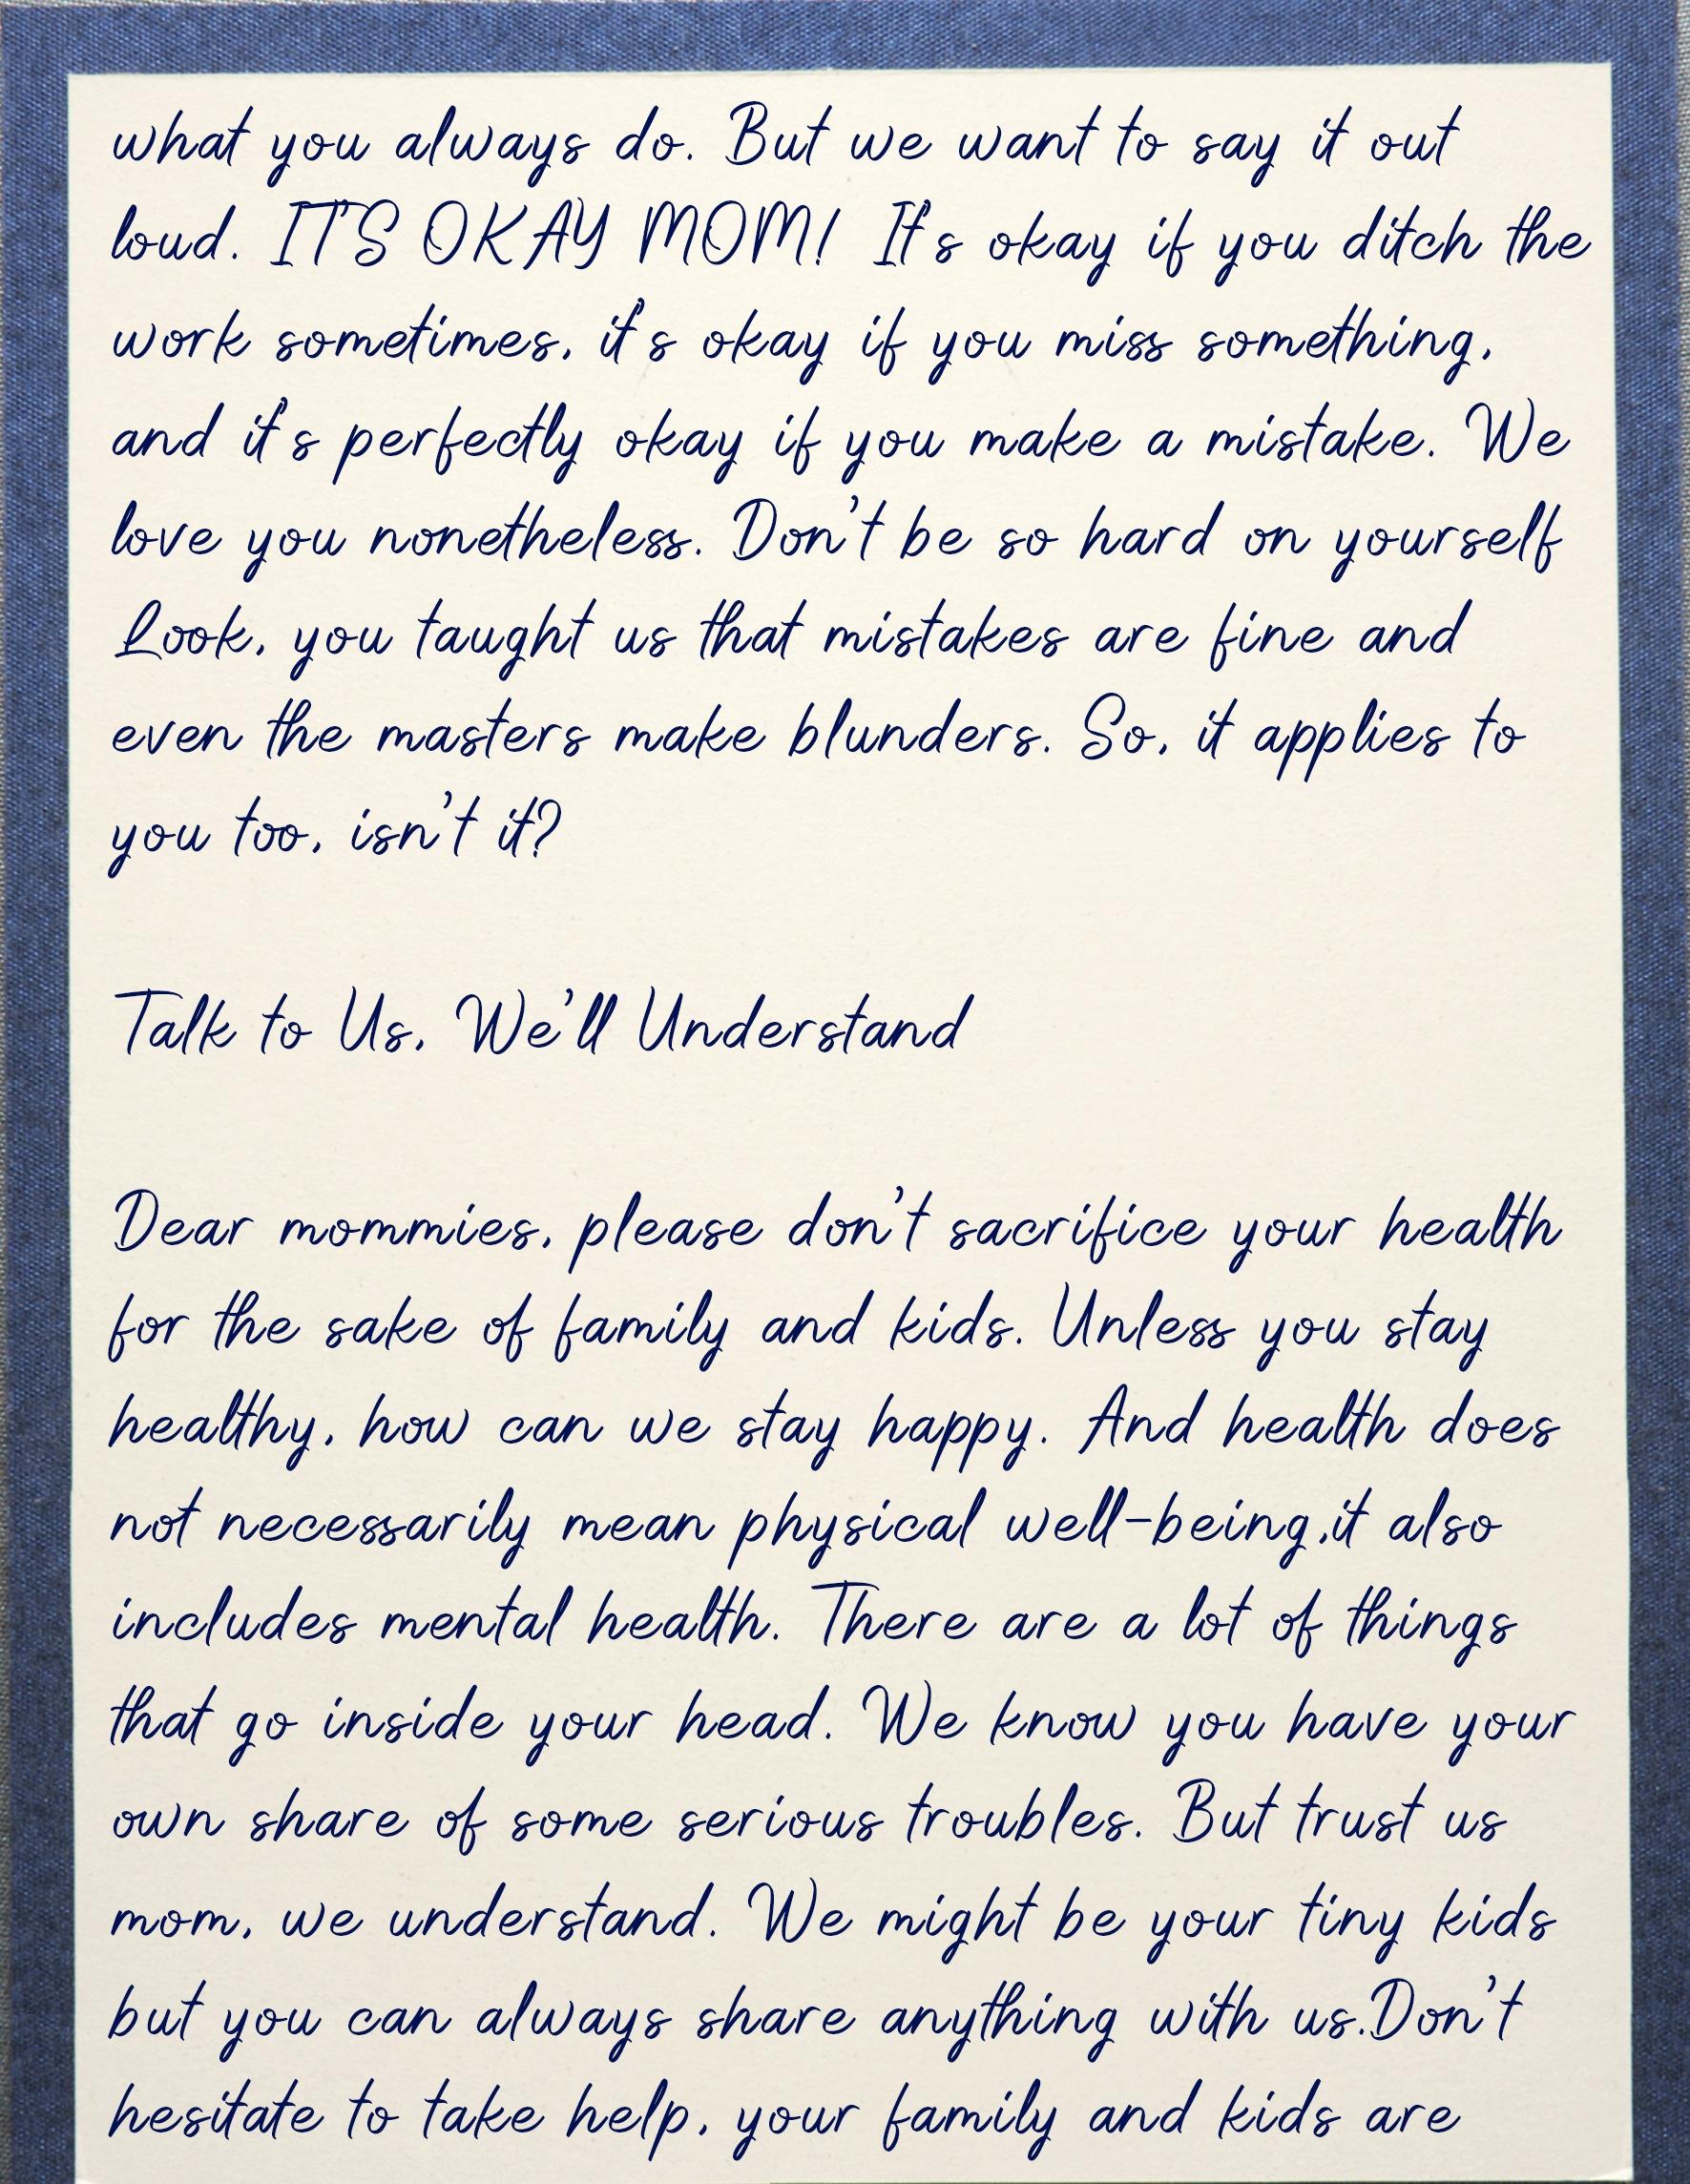 Letter For mom 4